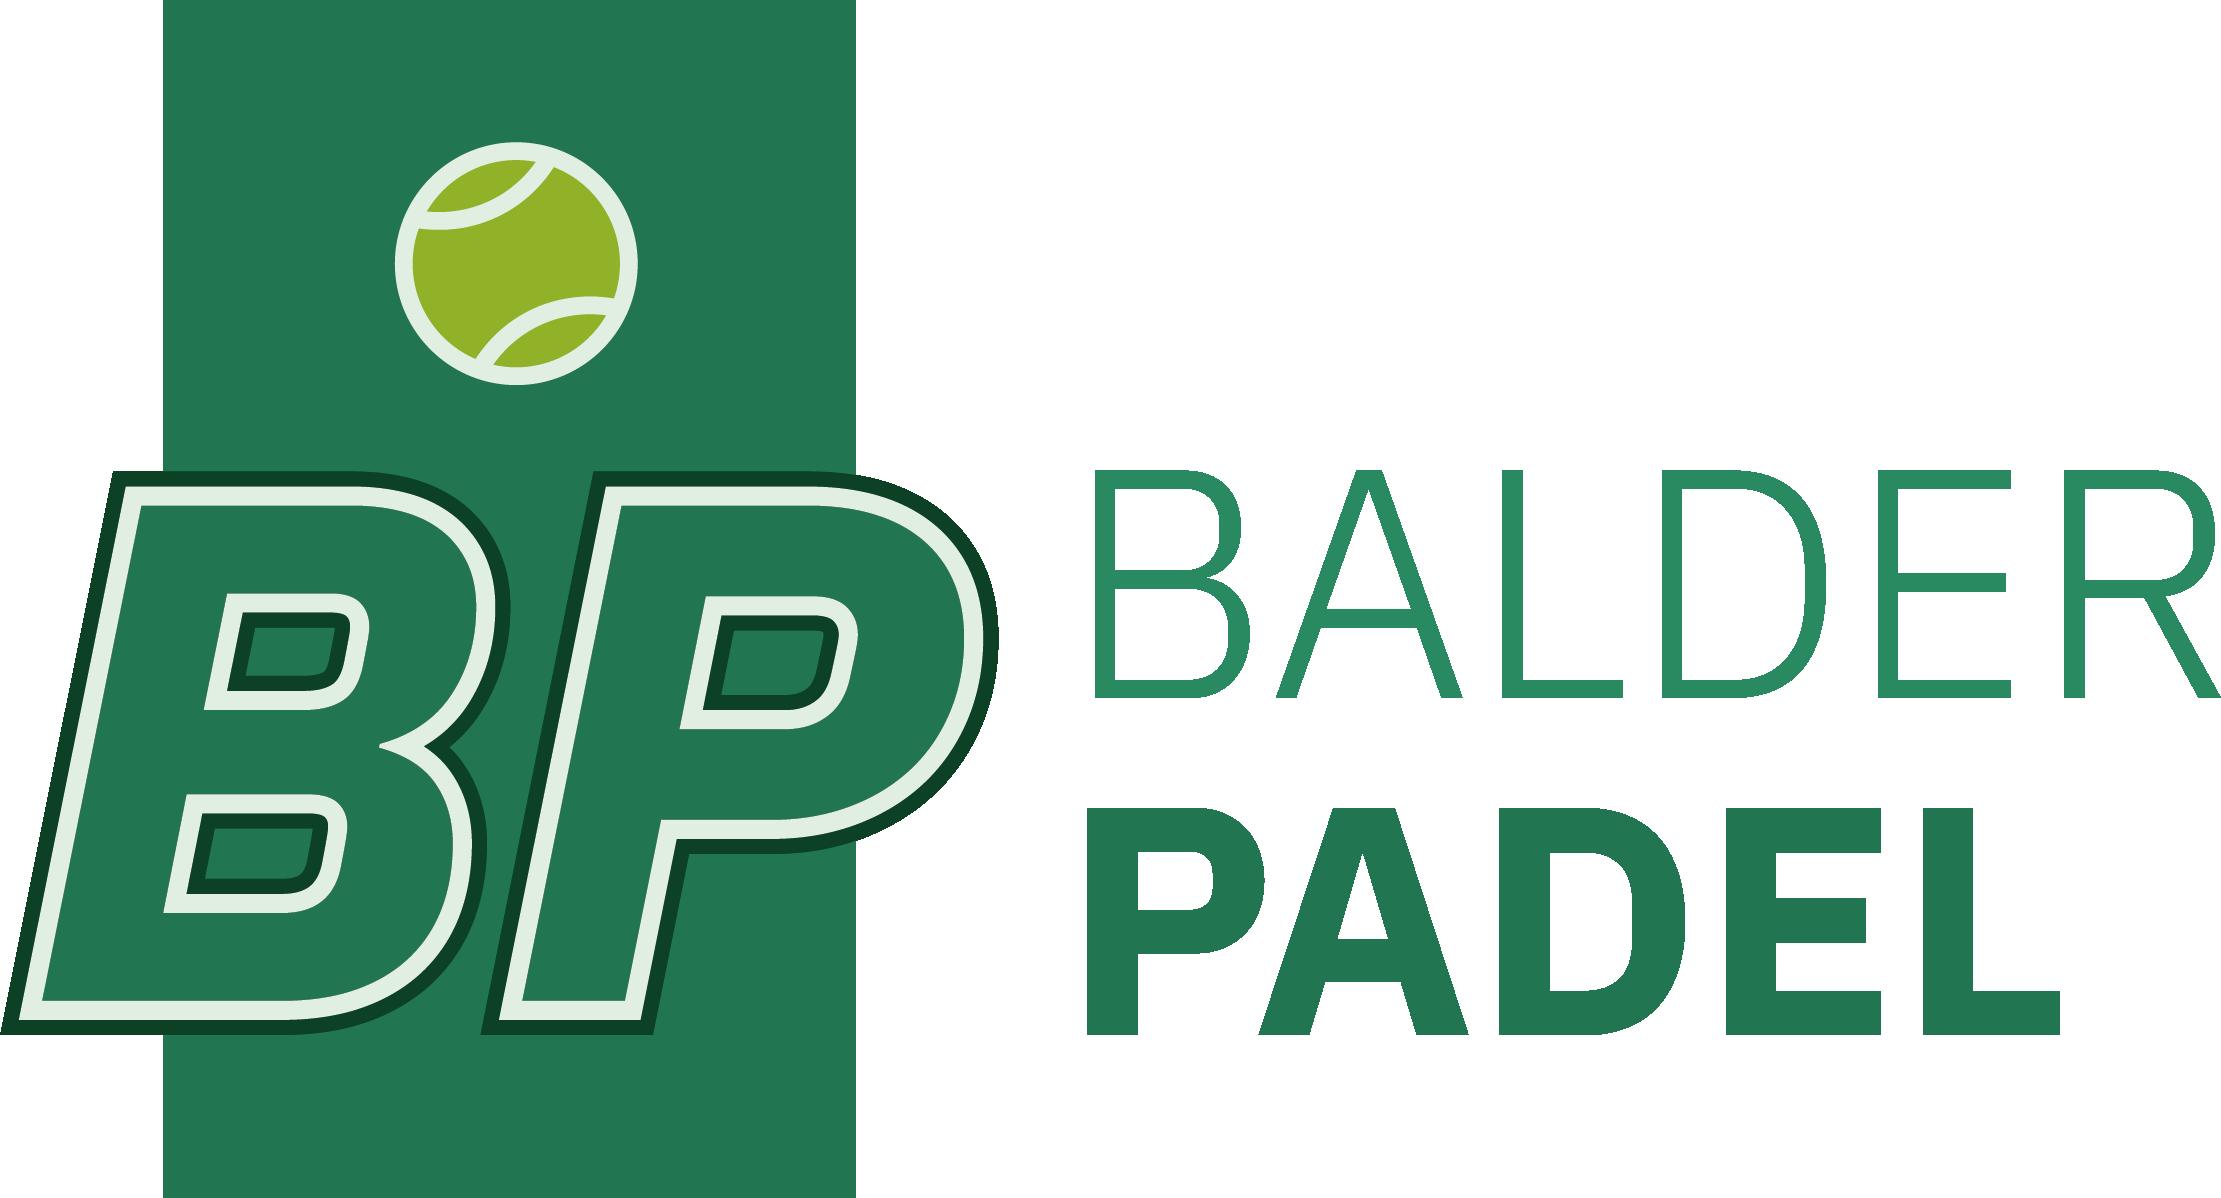 Balder Padel